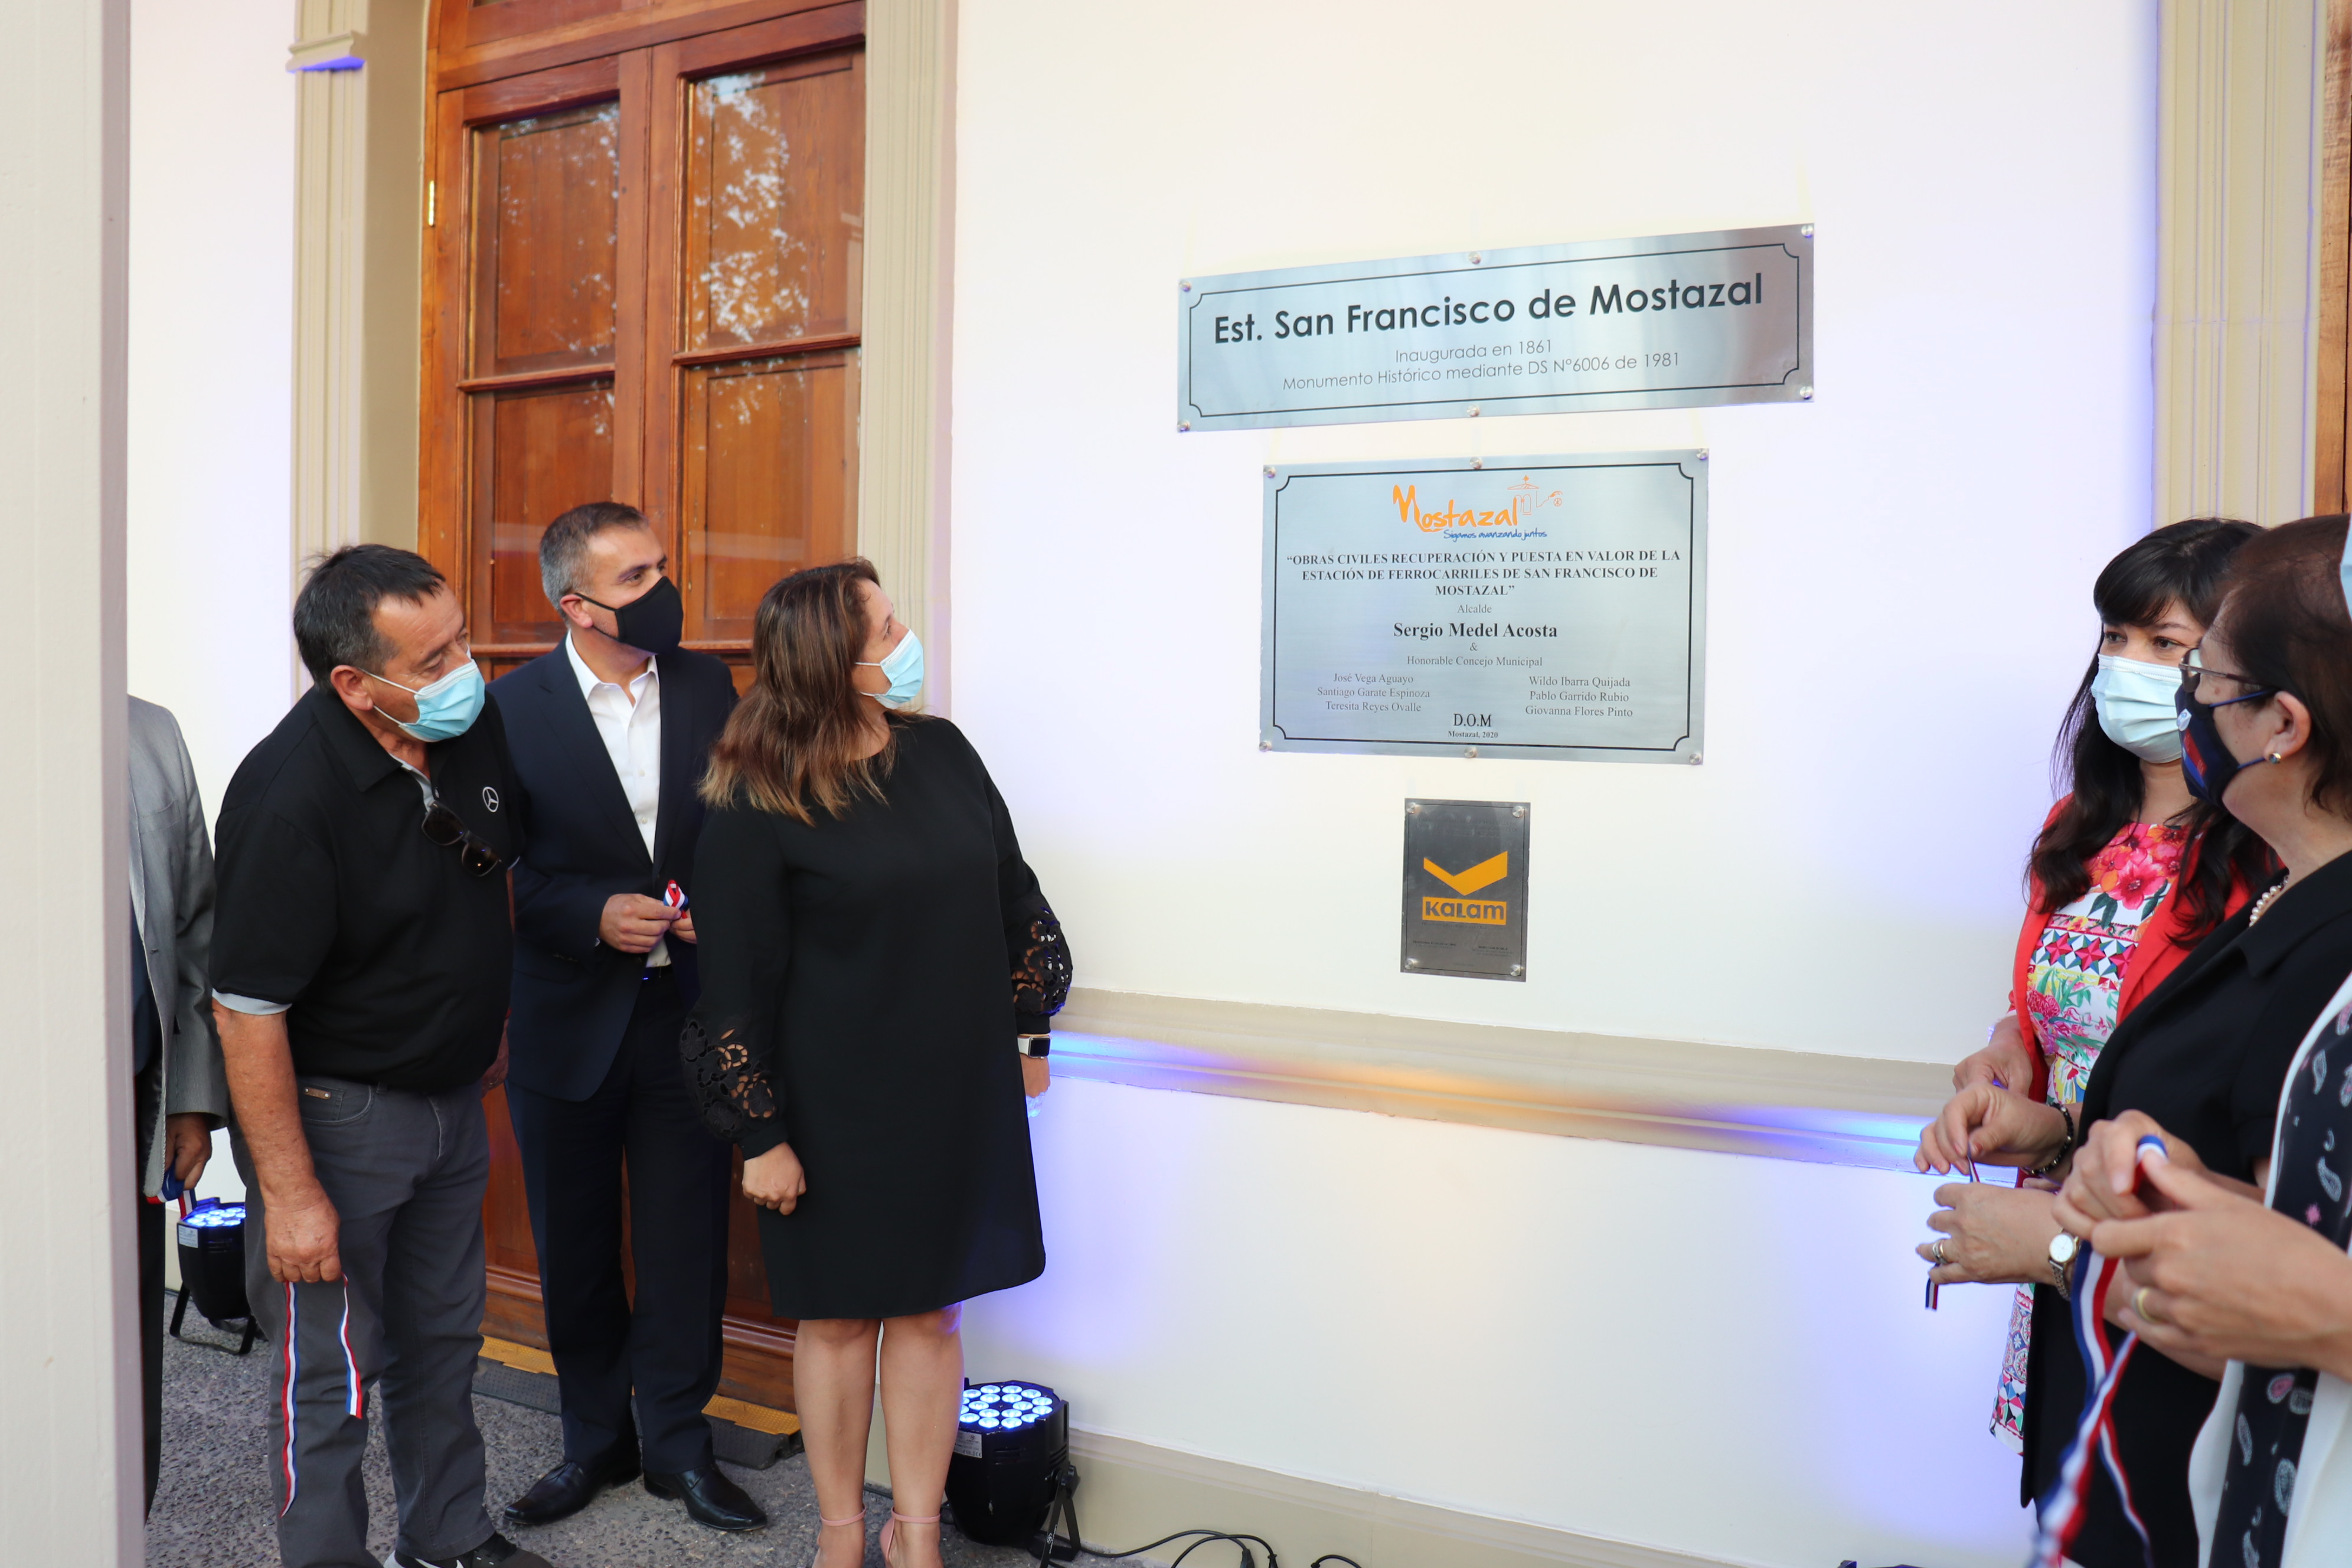 Antigua Estación Mostazal es recuperada gracias a innovador convenio de puesta en valor entre EFE y el municipio